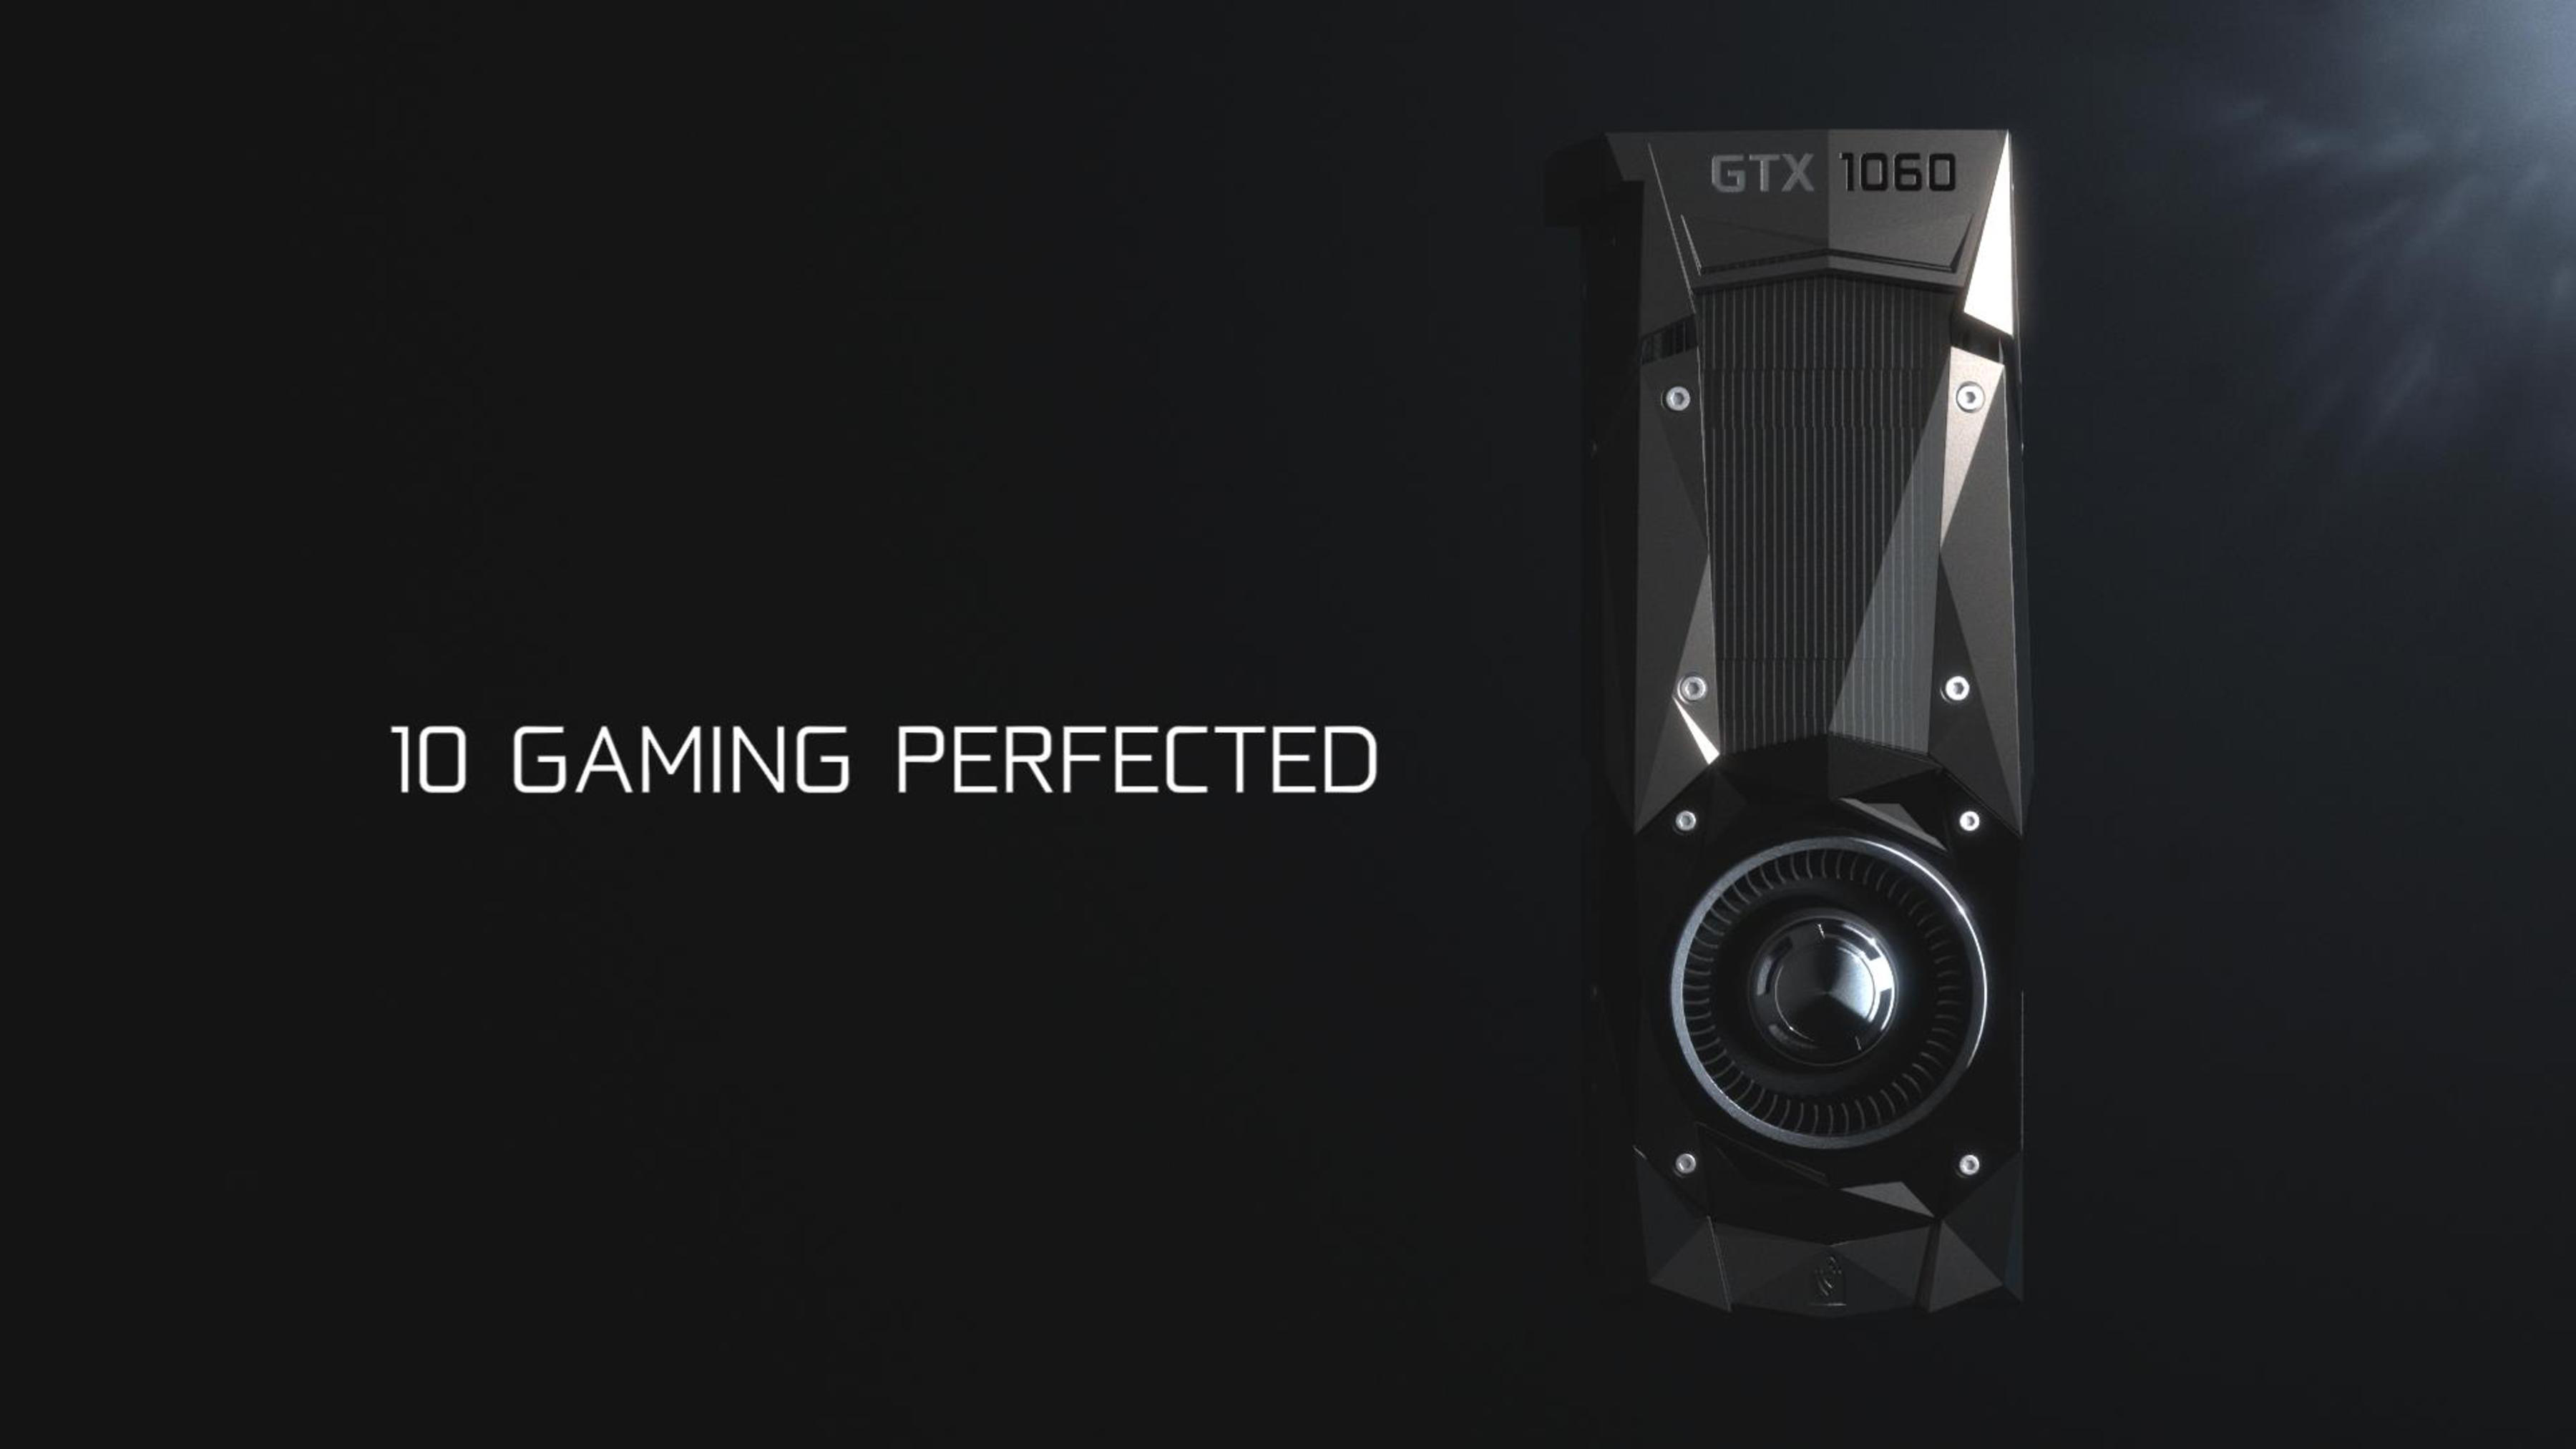 Nvidias Geforce GTX 1060 Will Rock A 256 Bit Bus